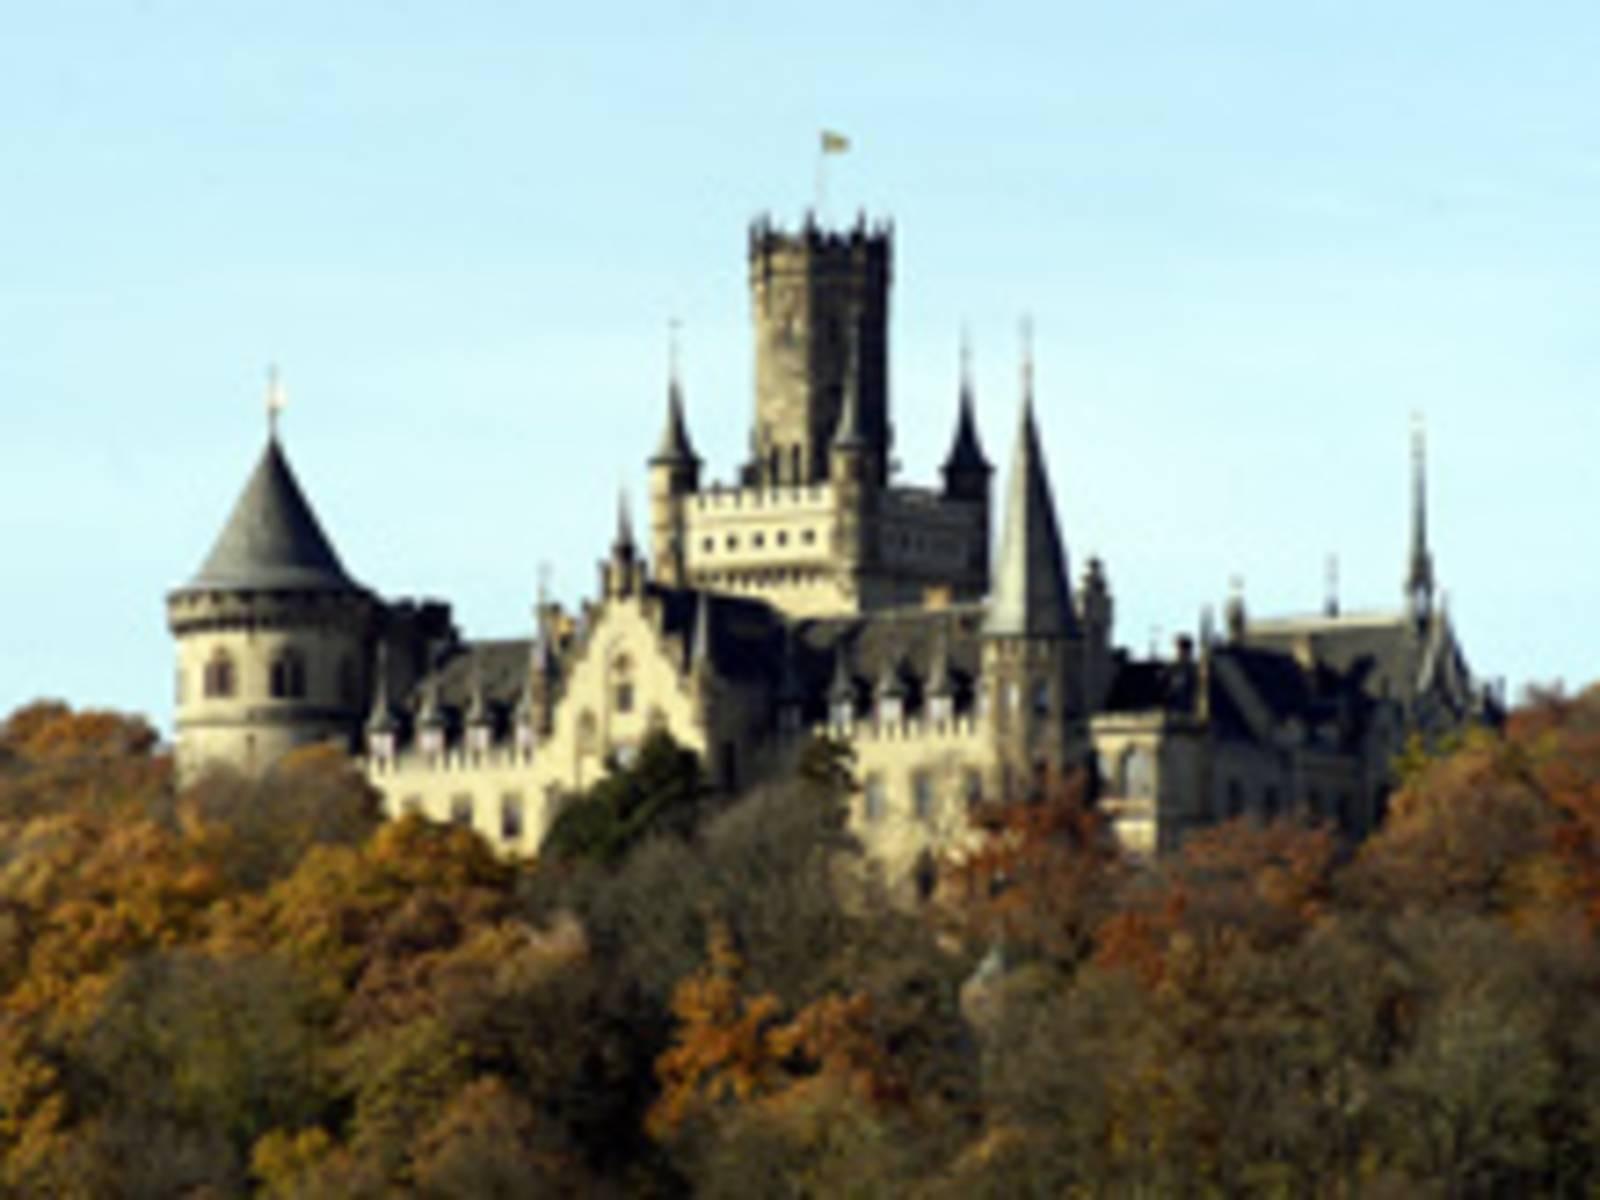 Mischwald im Herbst mit dahinter aufragender Burg.